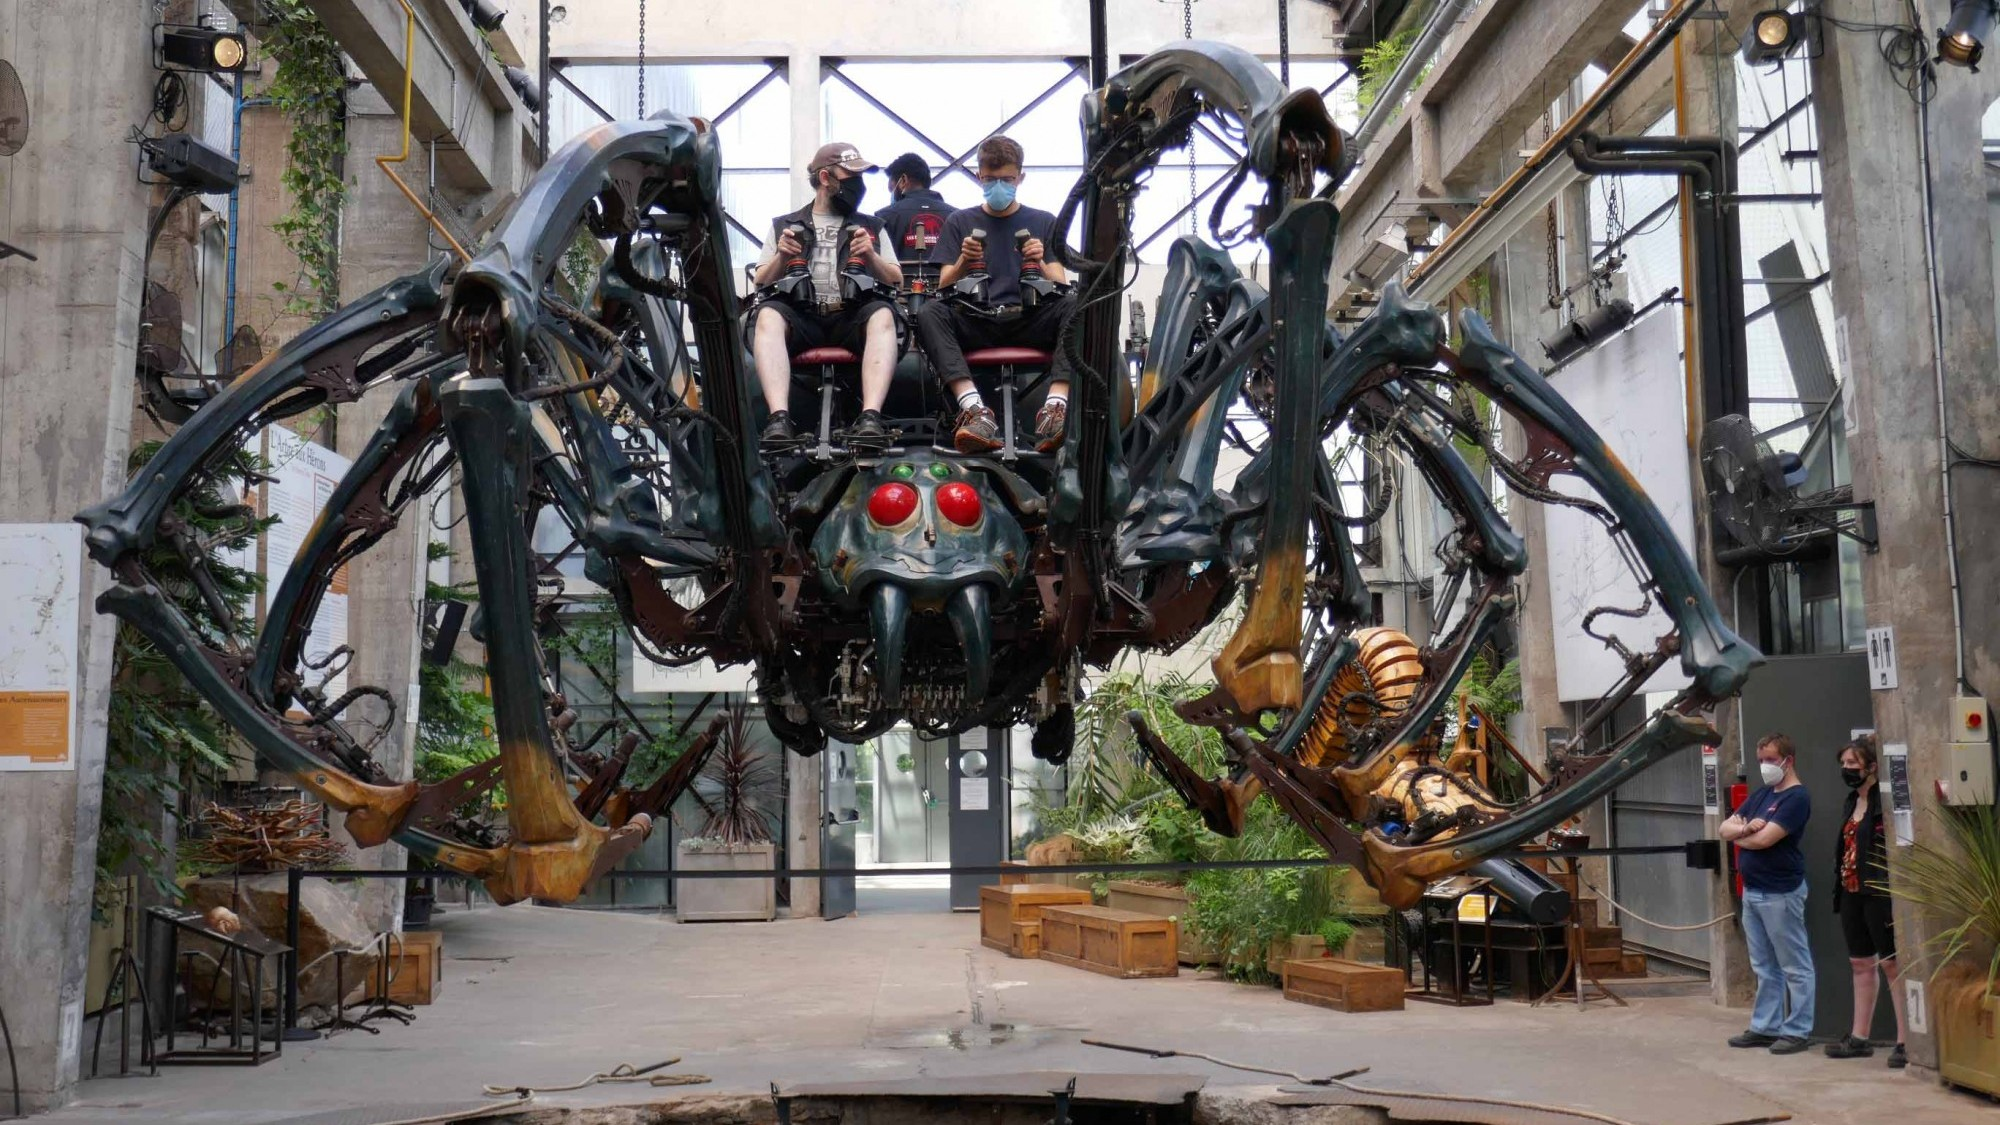 Mechanische Spinne der Les Machines de L'île